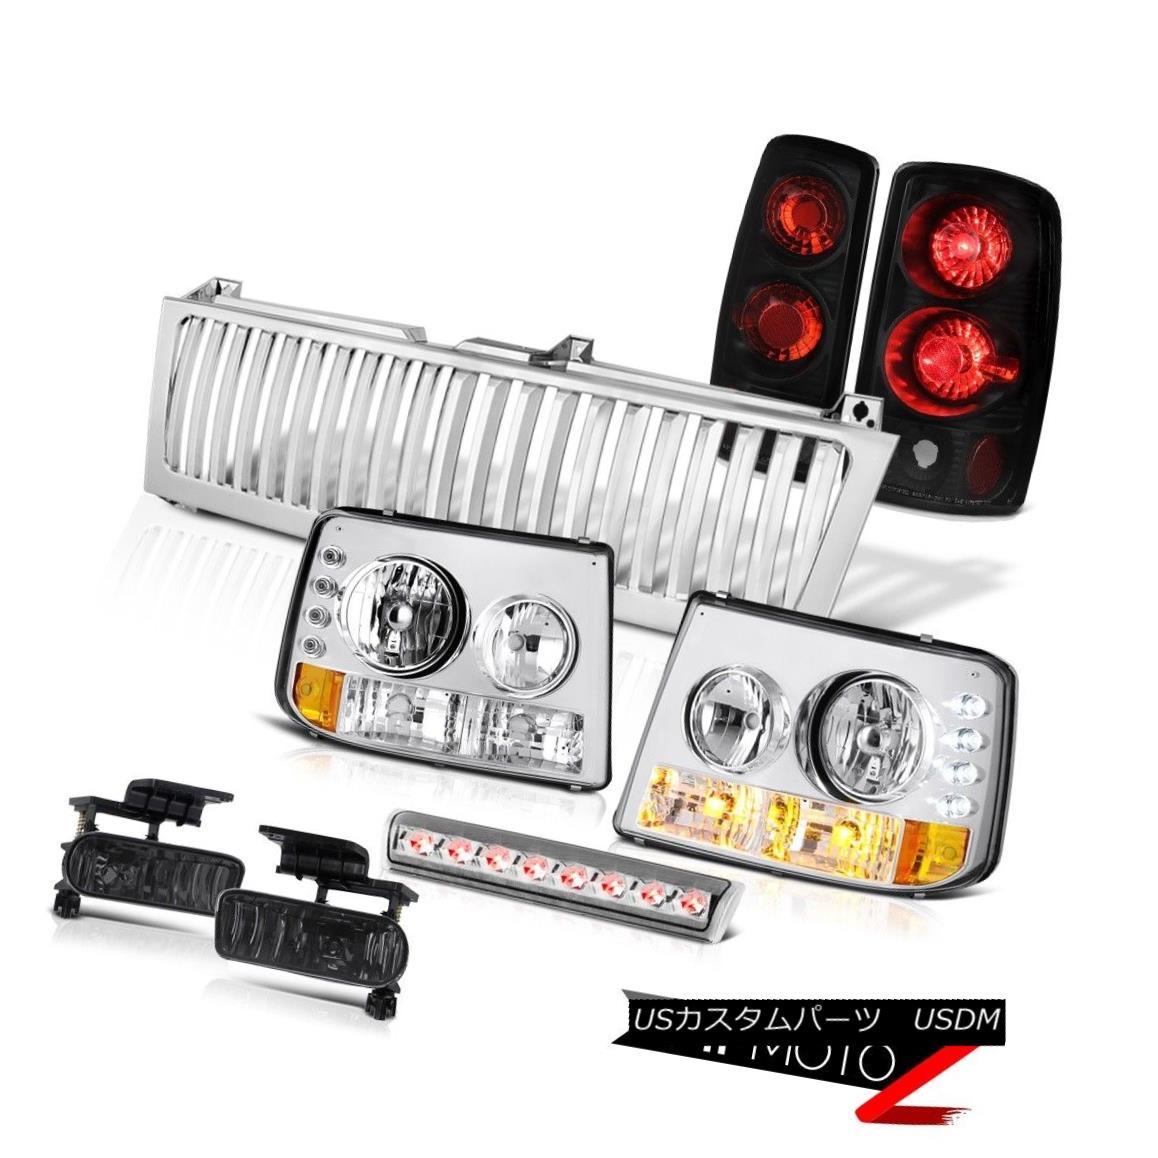 テールライト Headlamps Rear Brake Lights Black Fog Third LED Grille 00-06 Tahoe 4.8L Signal ヘッドランプリアブレーキライトブラックフォグ第3 LEDグリル00-06タホ4.8L信号